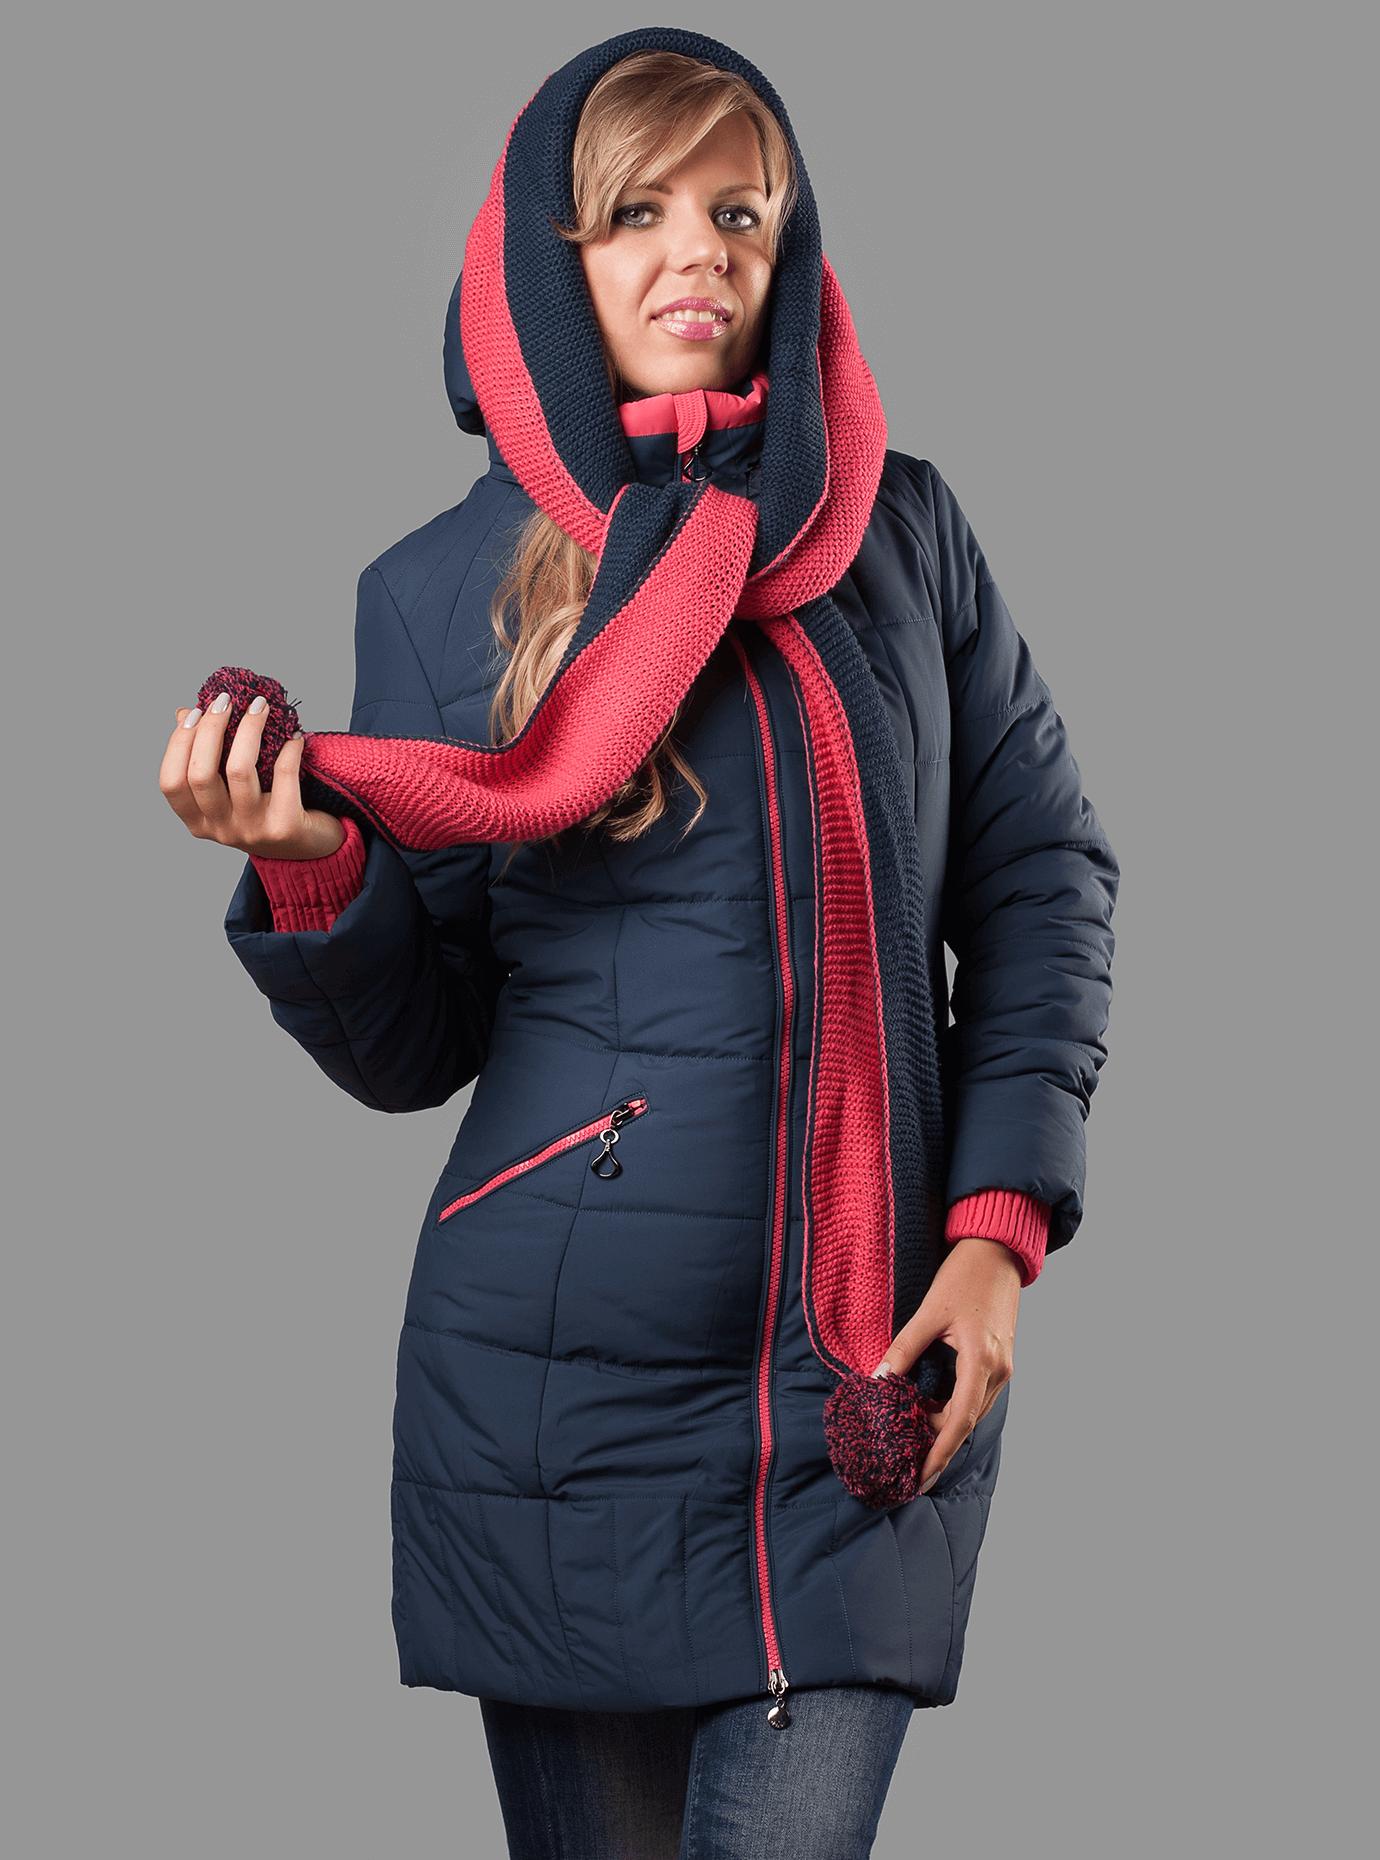 Куртка женская зимняя с шарфом Тёмно-синий S (05-ZZ19048): фото - Alster.ua